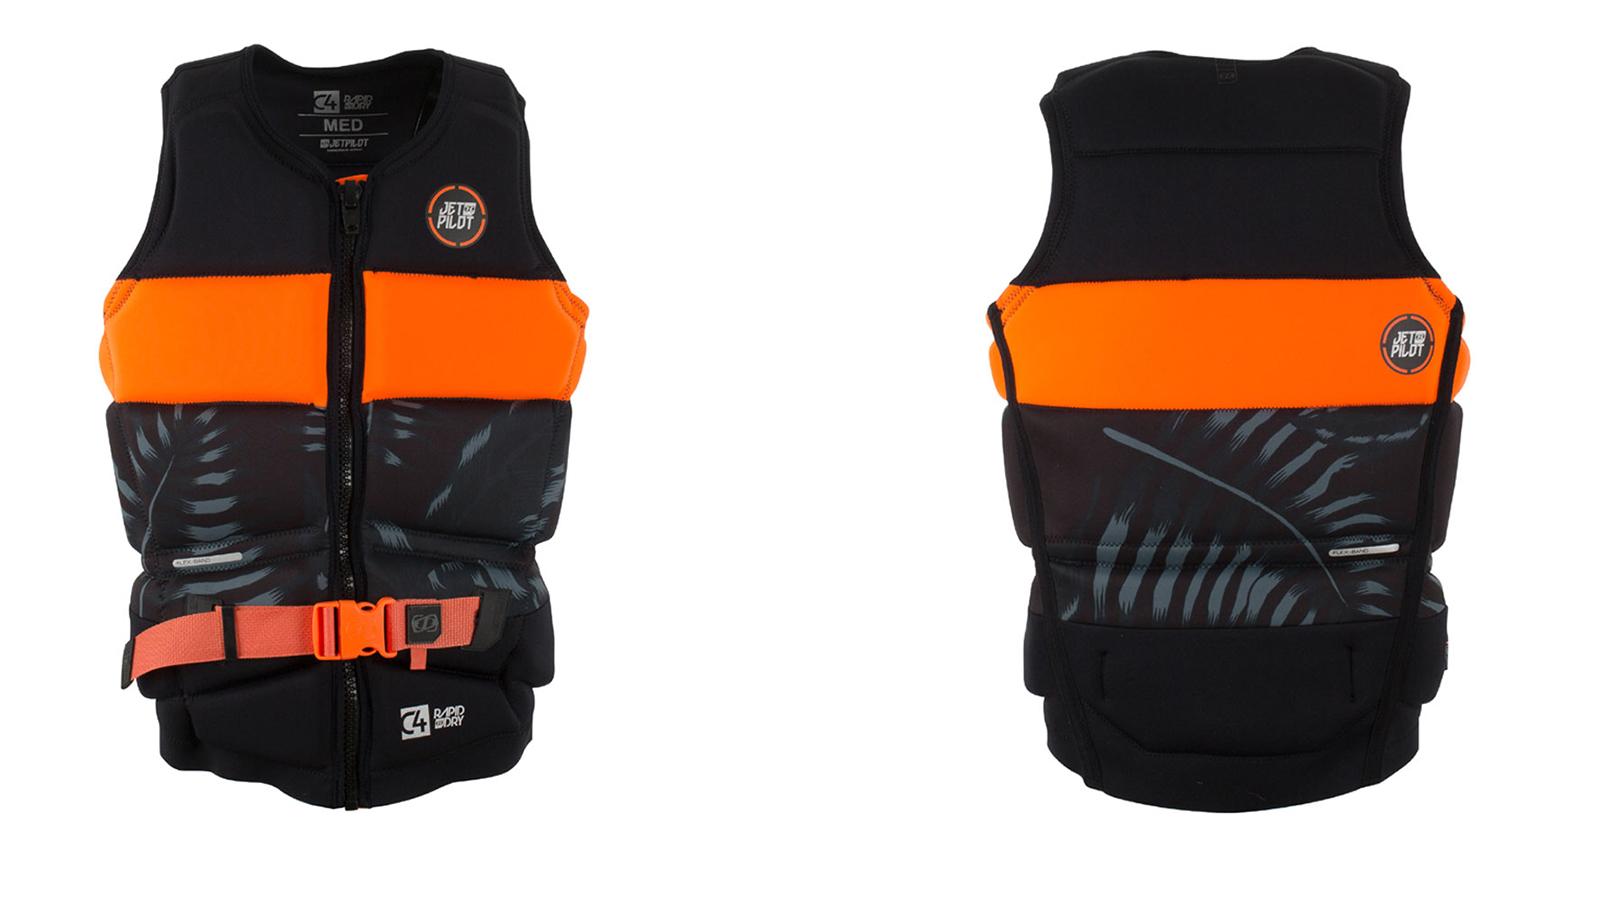 w18101_1-Jetpilot-C4-Impact-Neo-Vest